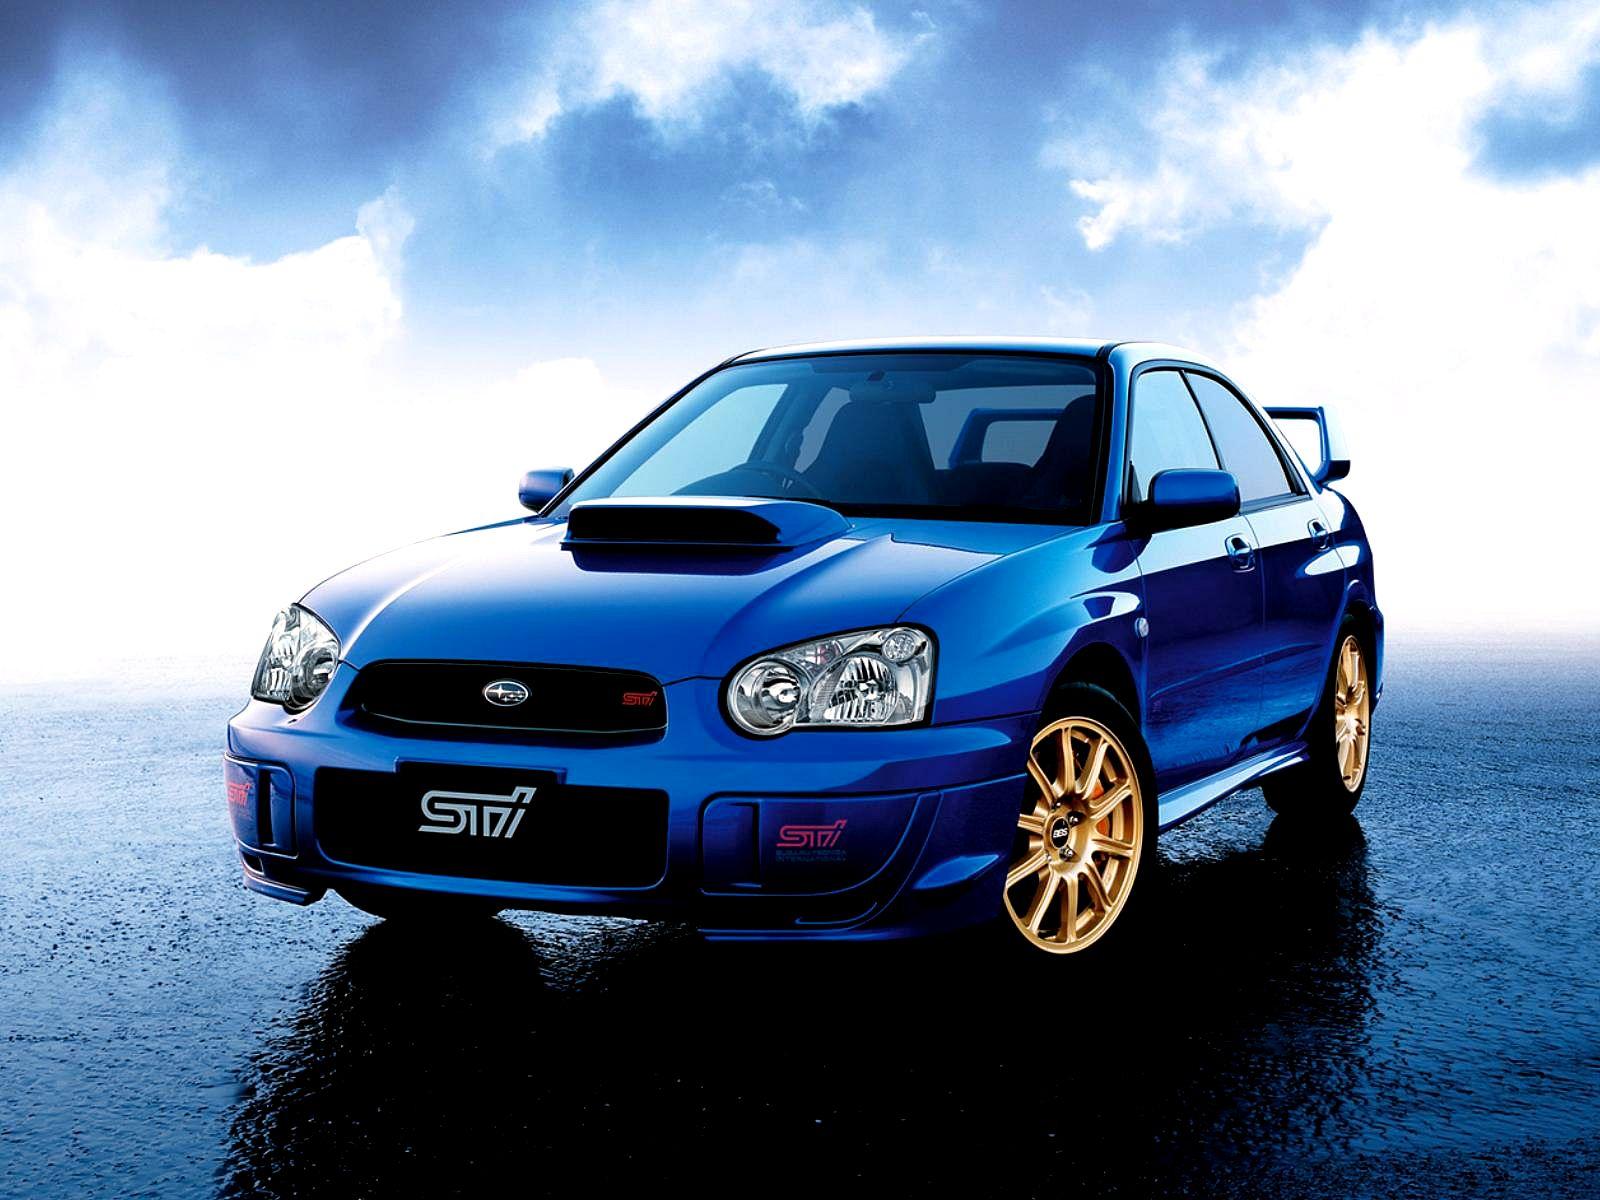 Интересные факты об истоках и развитии автомобильной марки Subaru